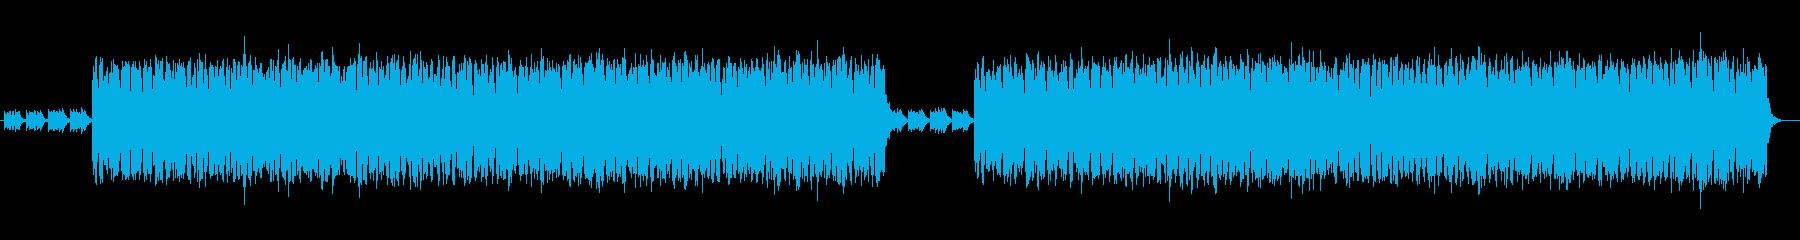 深い青を連想させるテクノポップの再生済みの波形